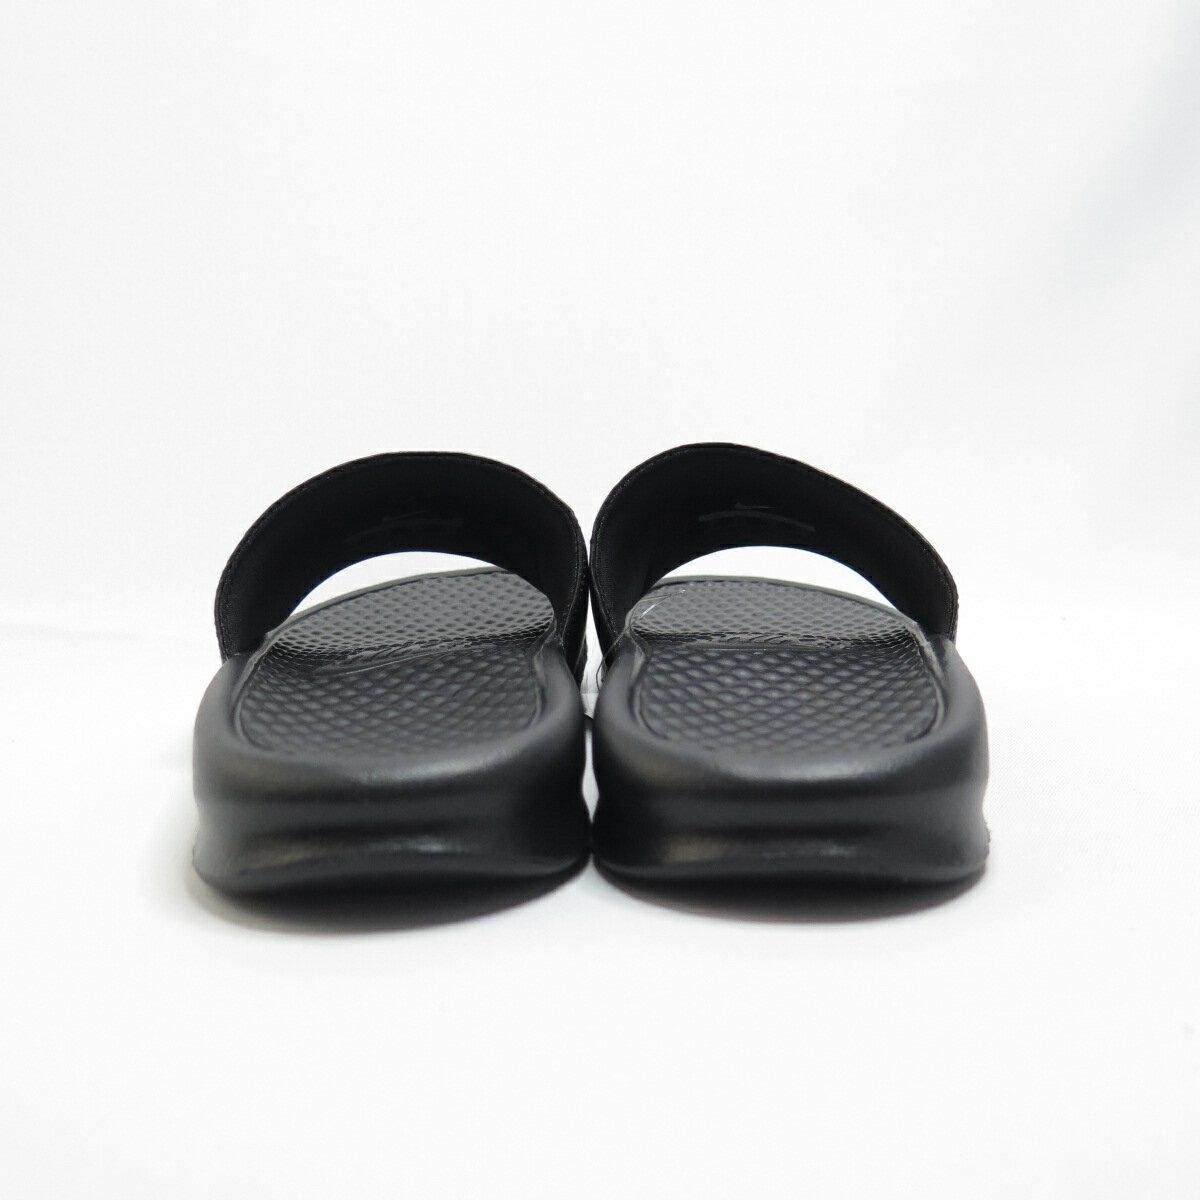 【滿額領券折$150】Nike WMNS BENASSI JDI 拖鞋  343881007 男女款 黑粉【iSport愛運動】